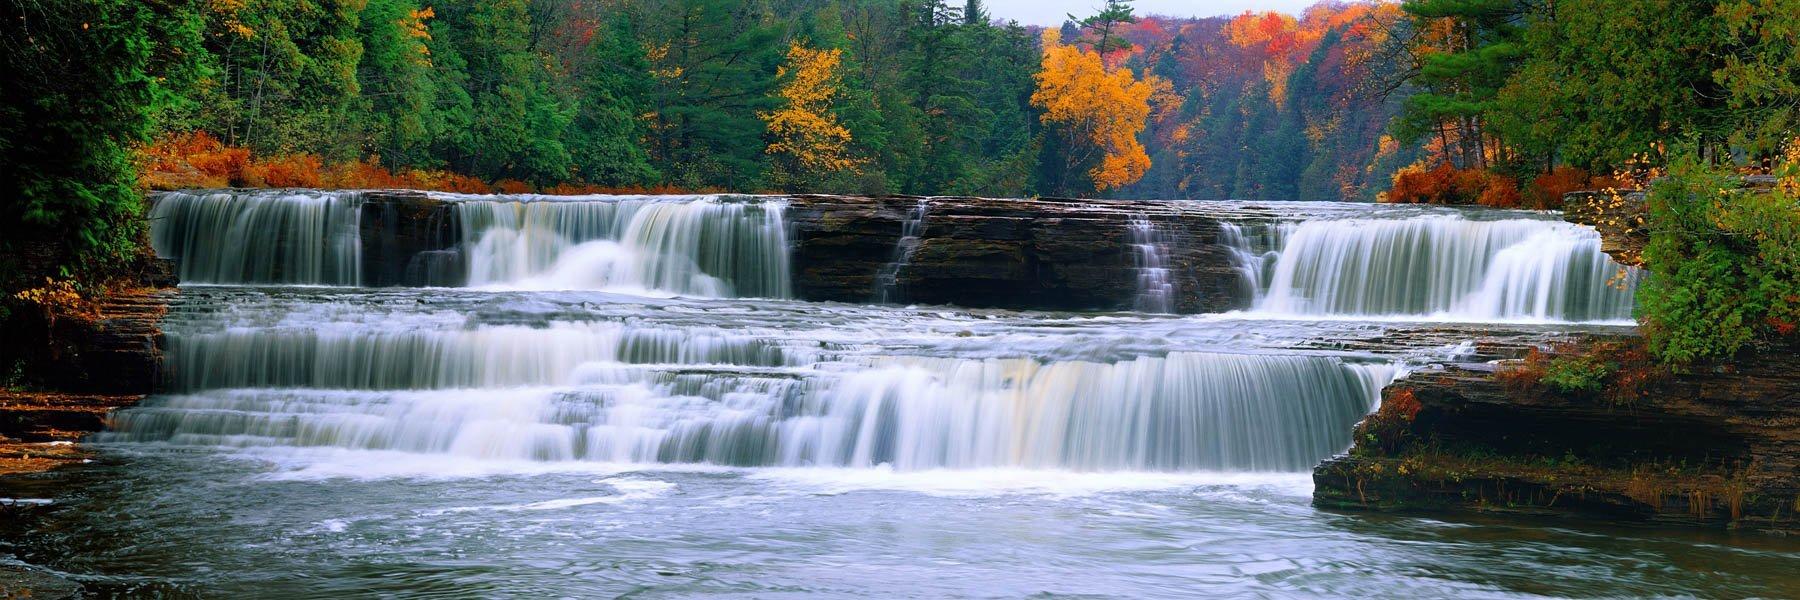 Lower Tahquamenon Falls in Michigan, USA.